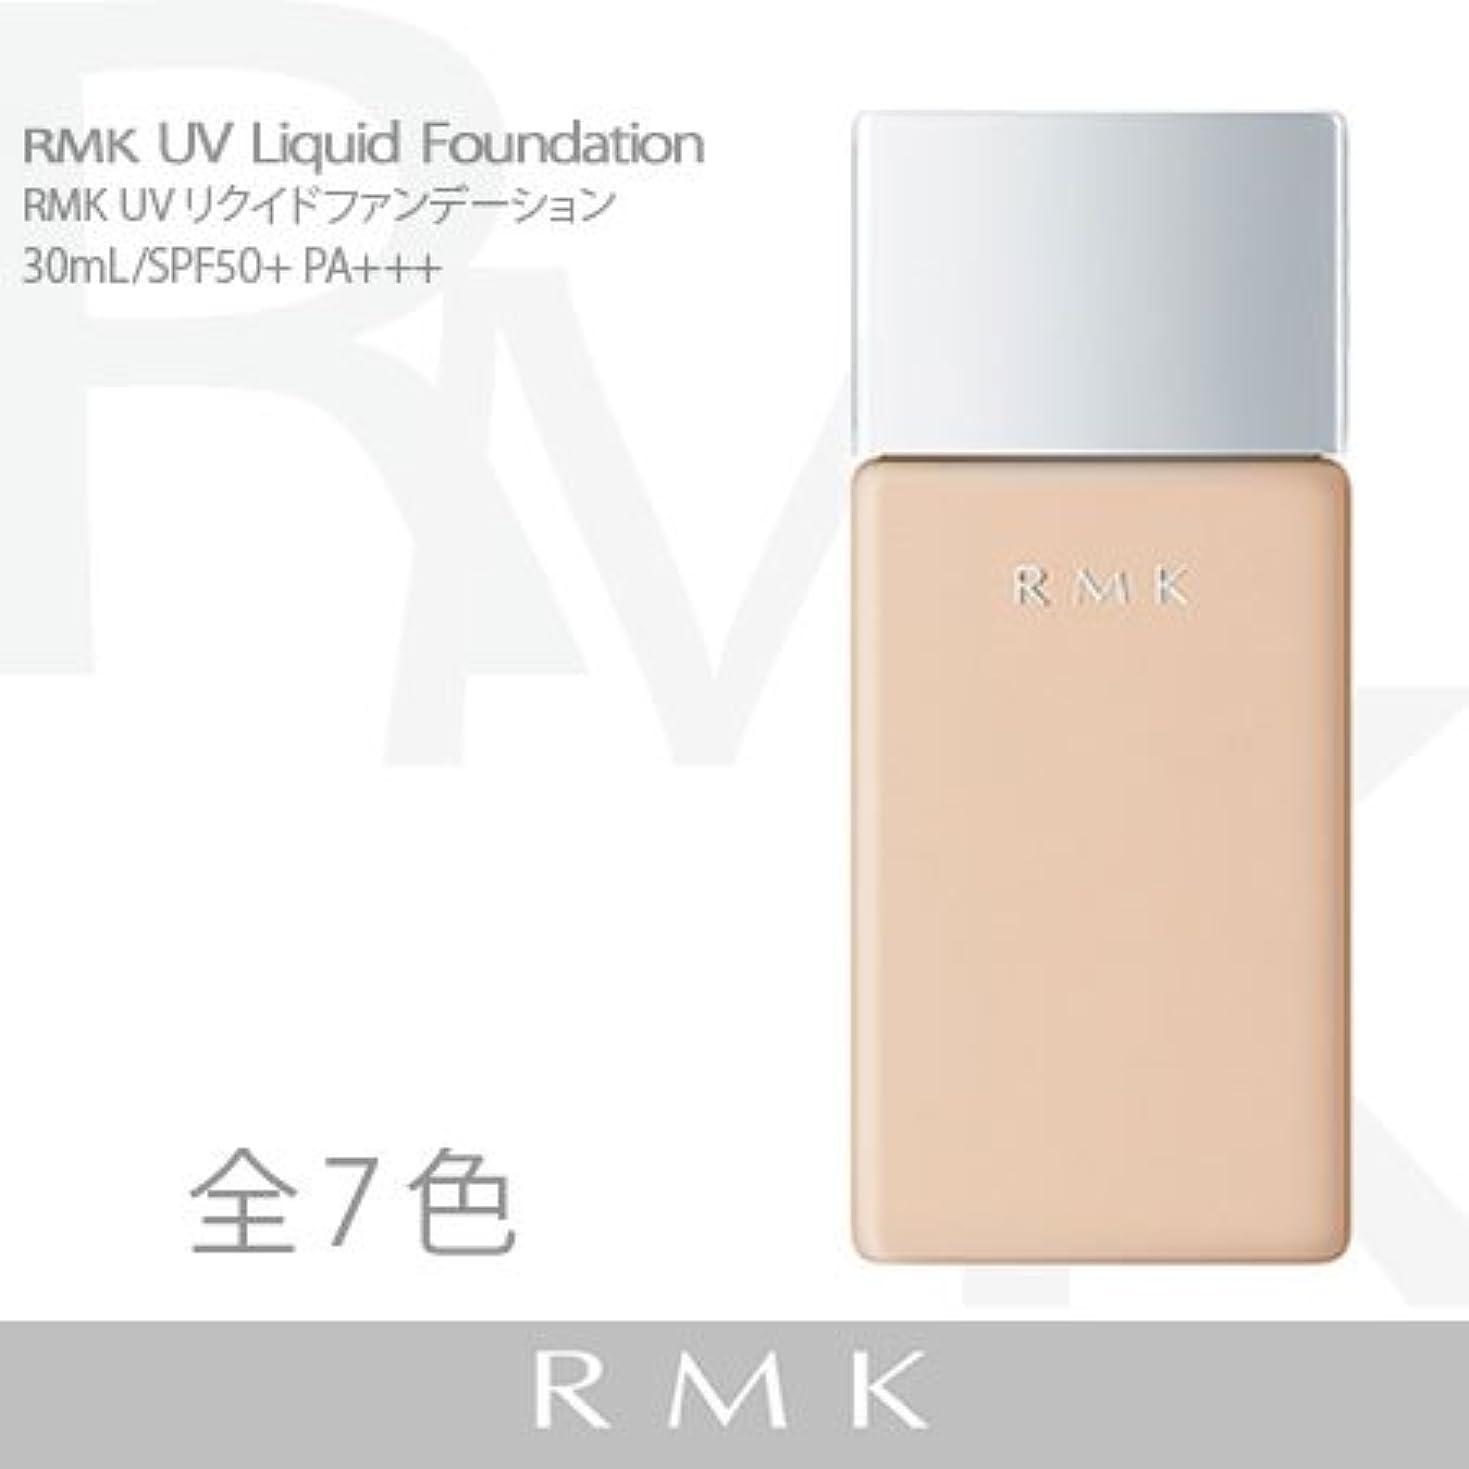 ブームレクリエーション勇者【RMK (ルミコ)】UVリクイドファンデーション #202 30ml